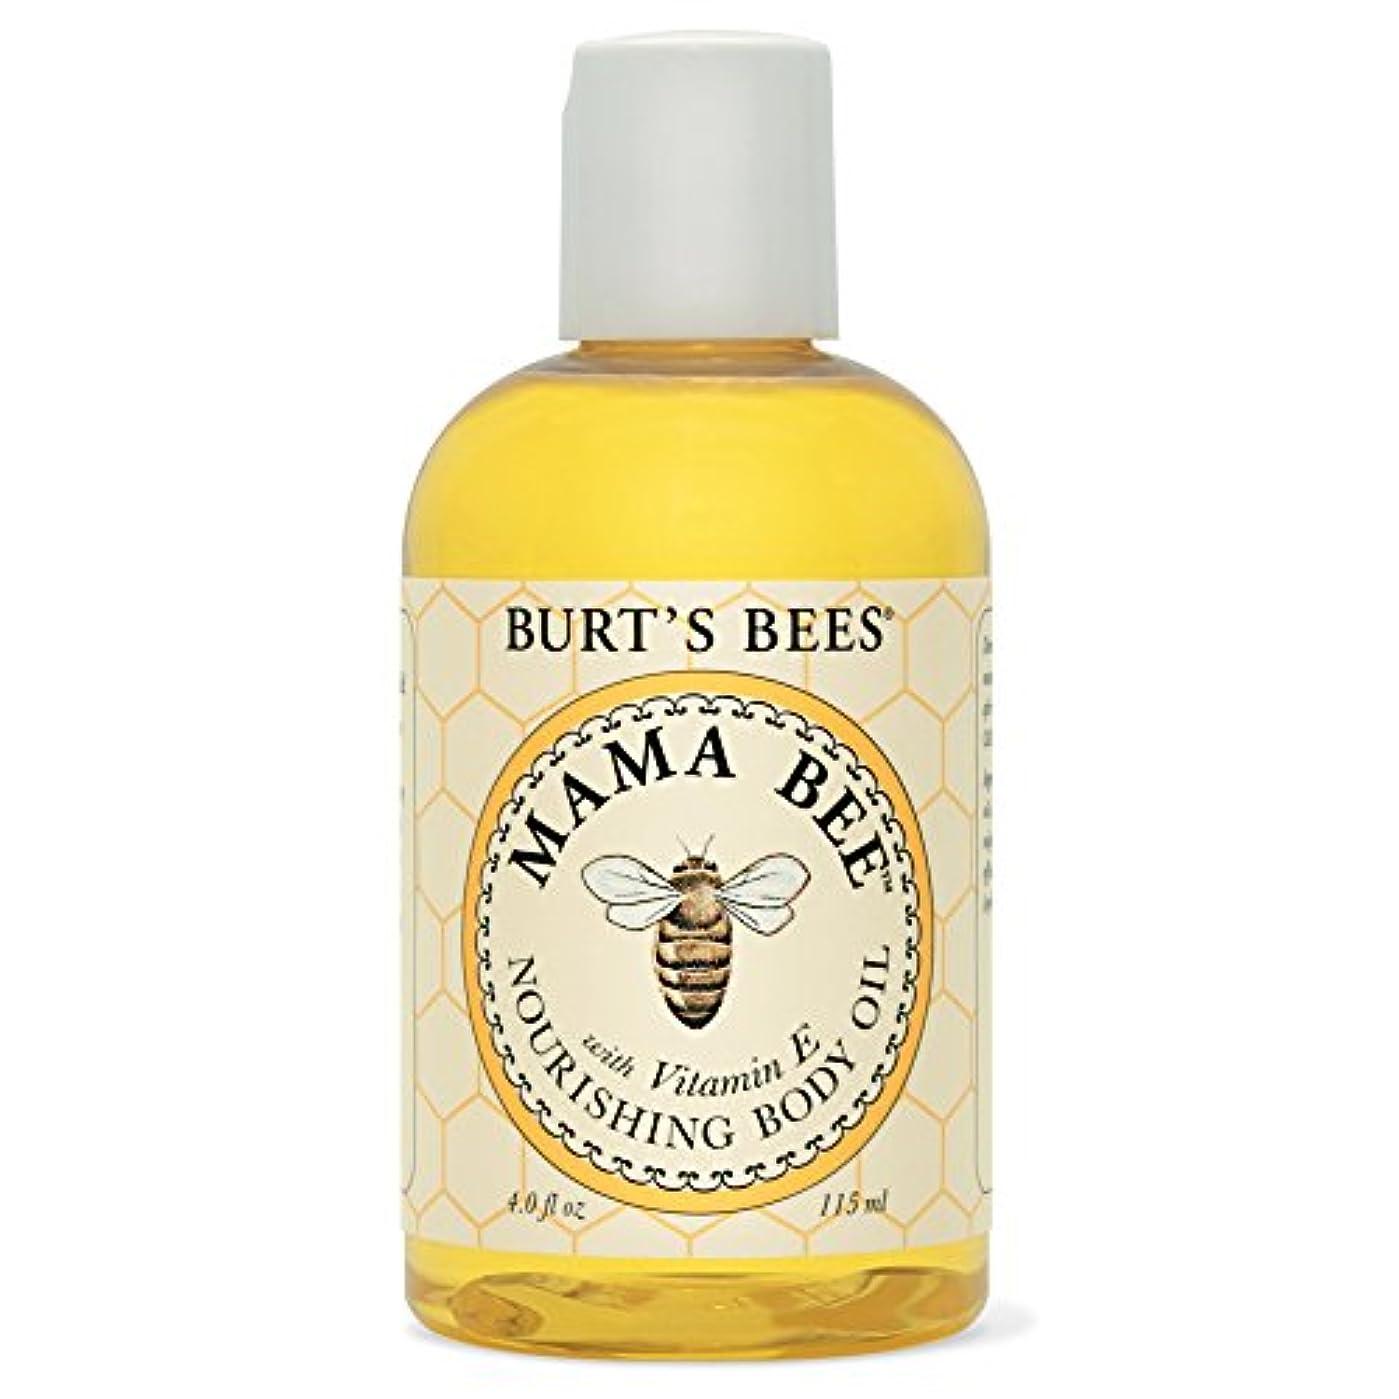 ベイビー識別高価なバーツビーママ蜂栄養ボディオイル115ミリリットル (Burt's Bees) - Burt's Bees Mama Bee Nourishing Body Oil 115ml [並行輸入品]